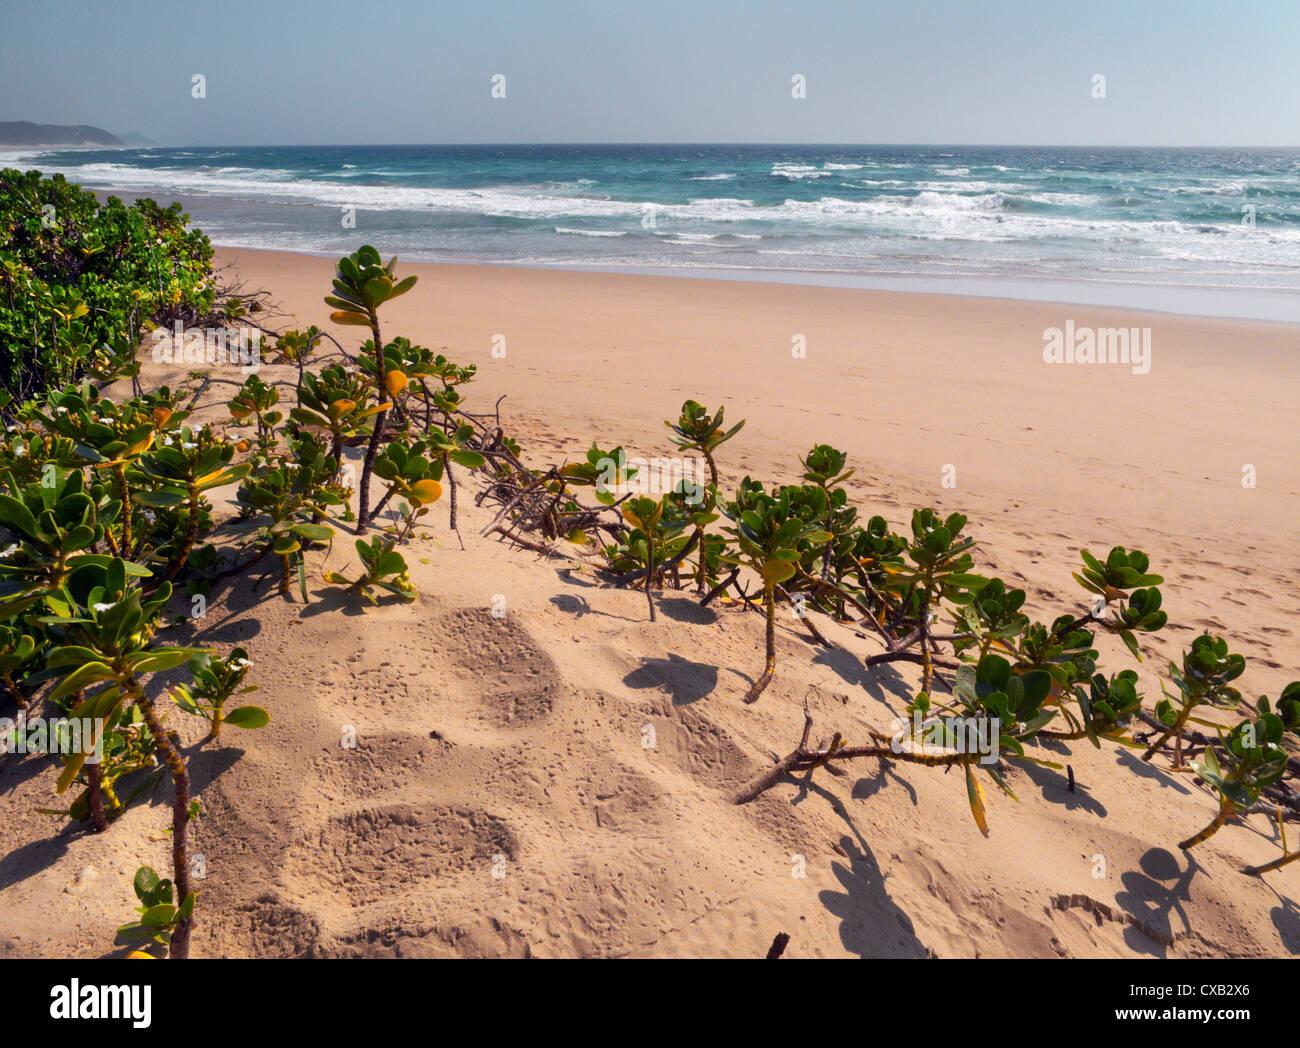 Coco Cabanas beach resort Ponta do Ouro southern Mozambique Stock